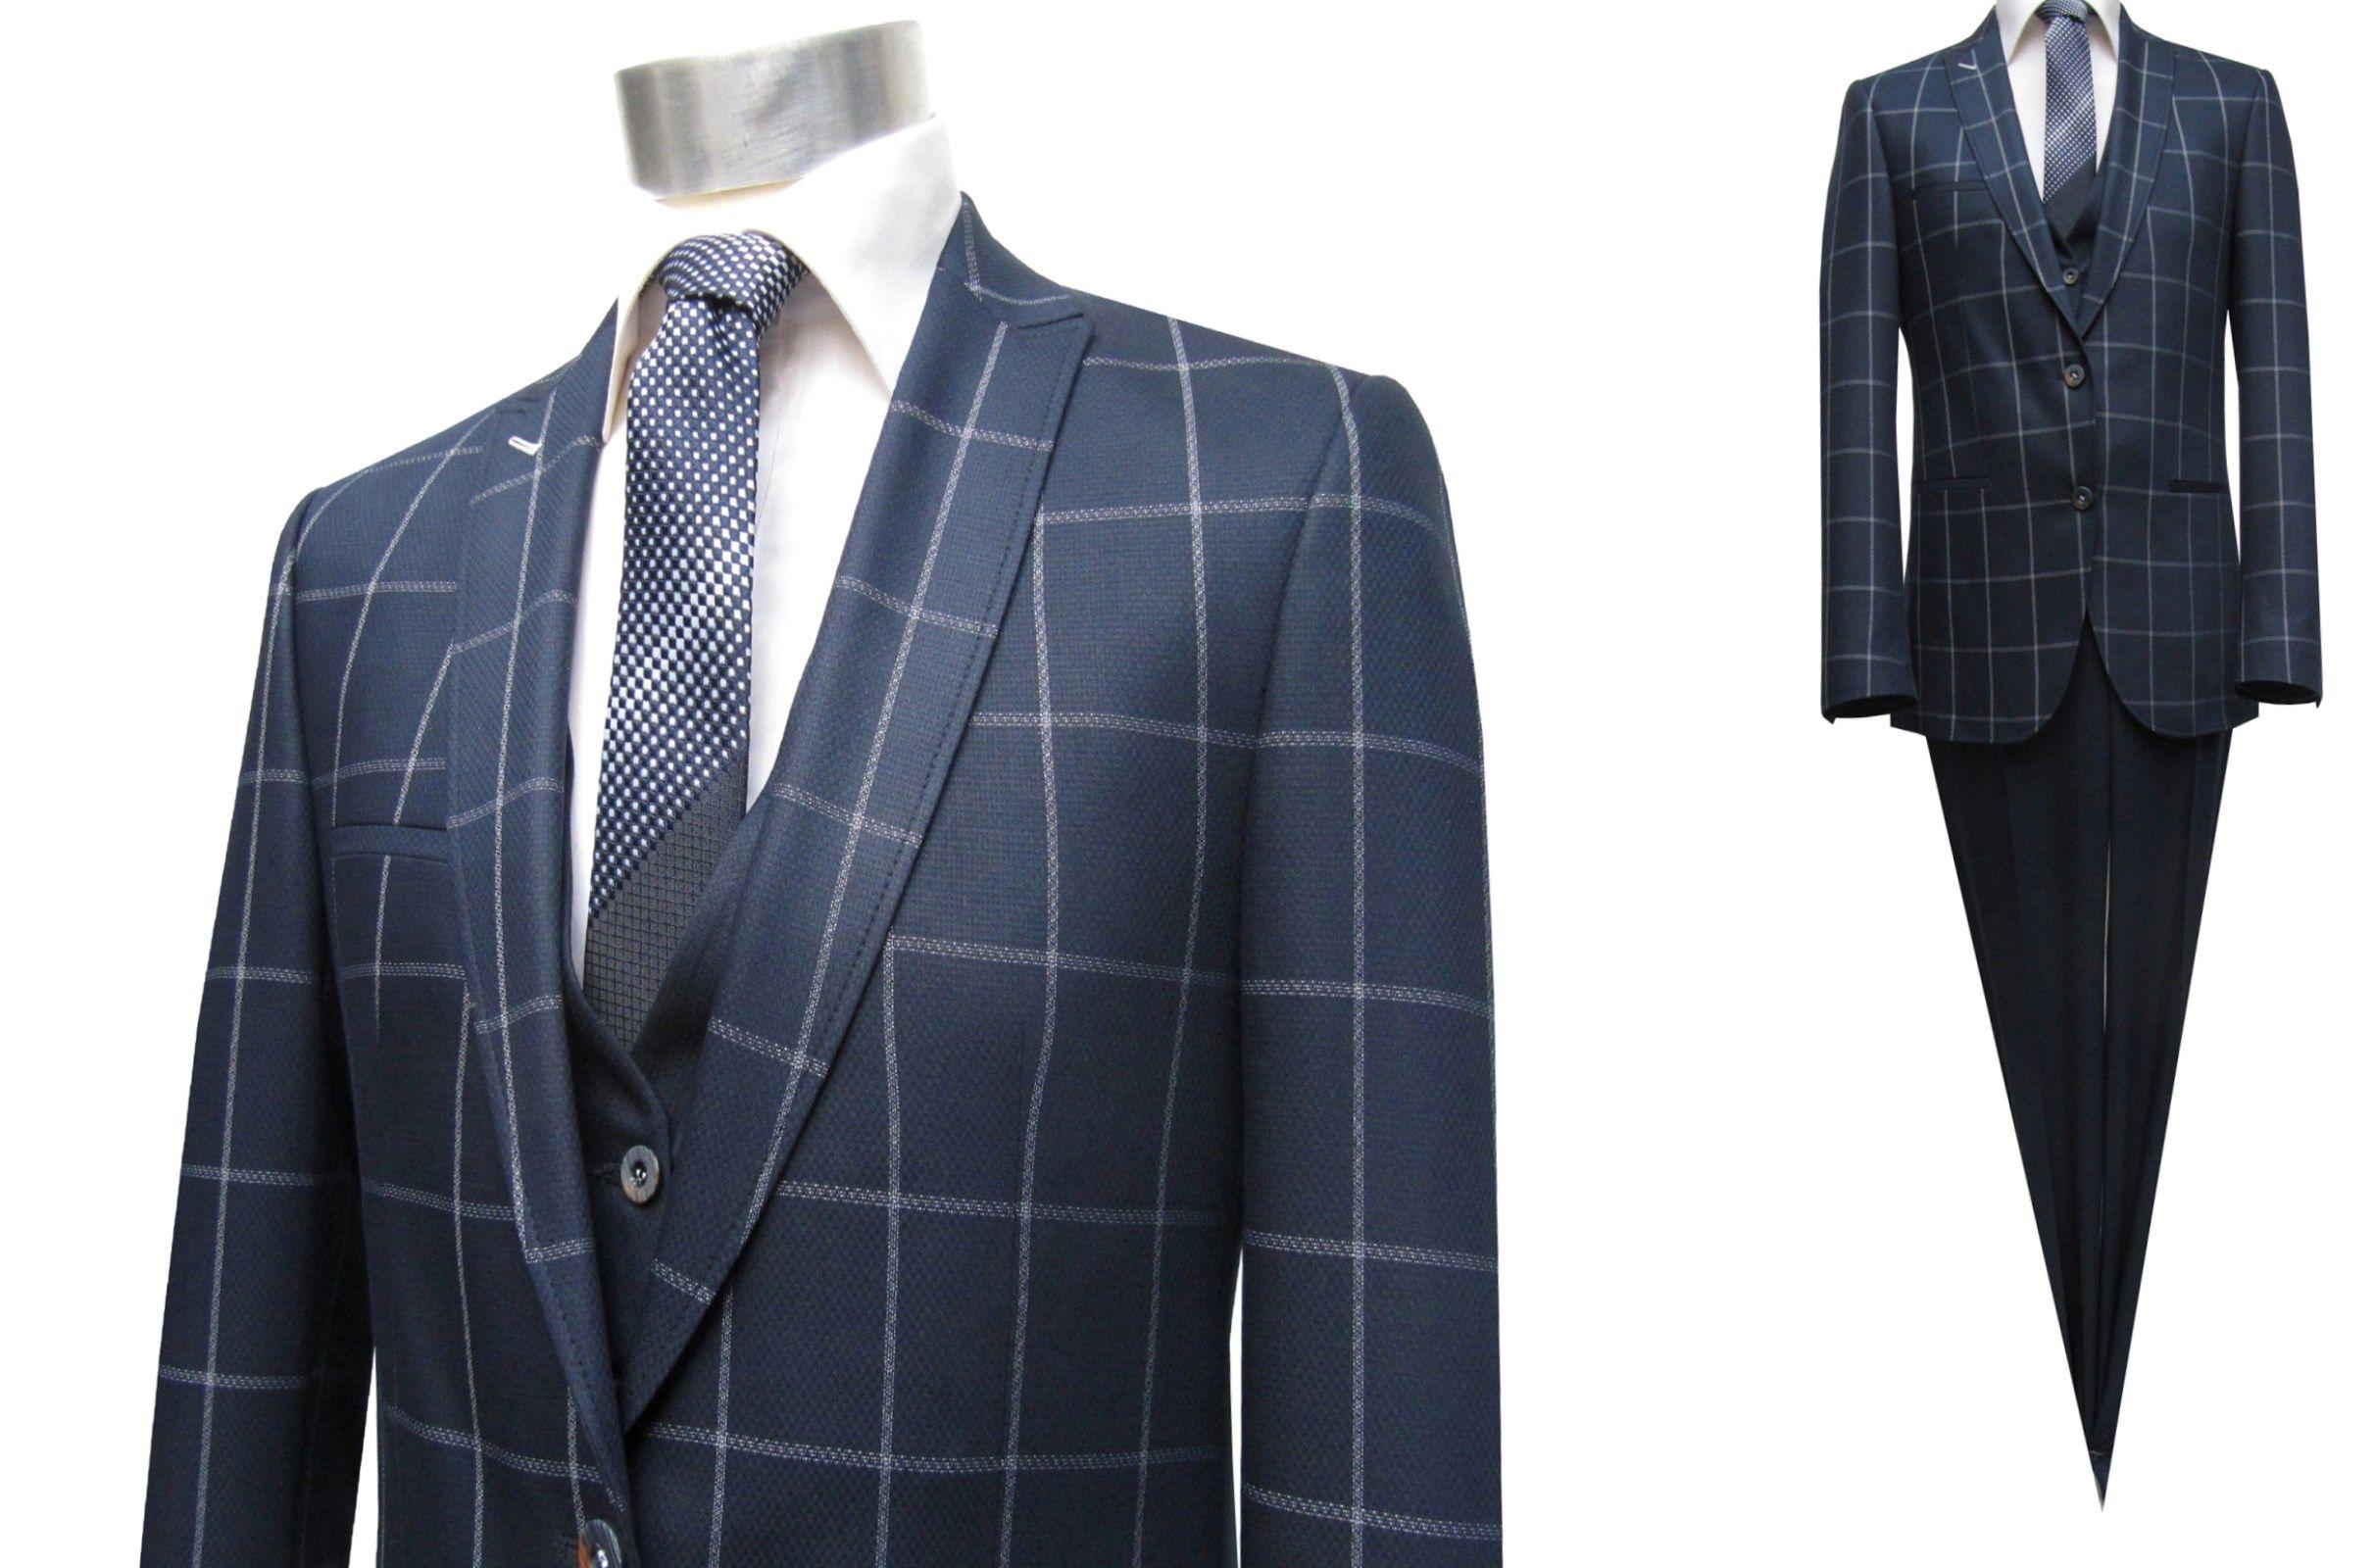 Karierter Anzug Herren Blau Karierter Anzug Anzug Herren Anzug